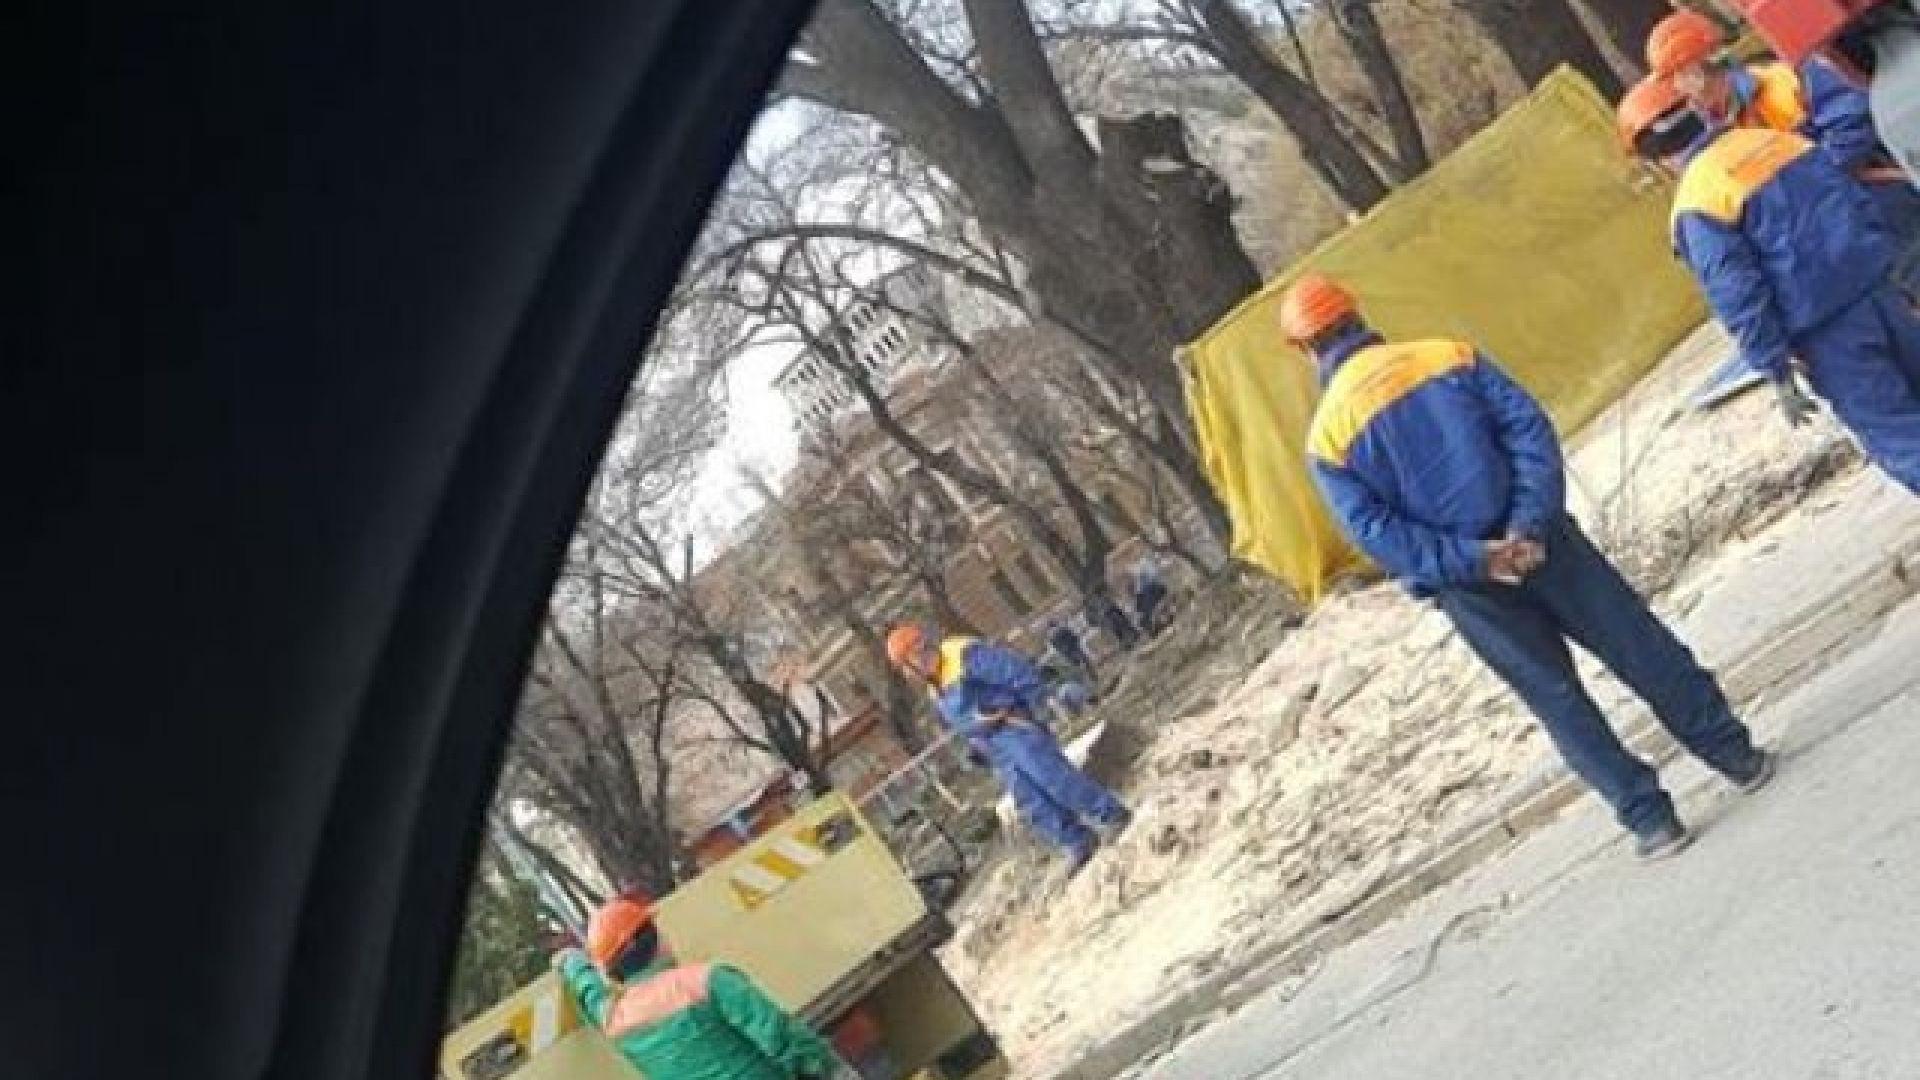 Снимка: Озеленители контузиха лекарка в скандал за дърво